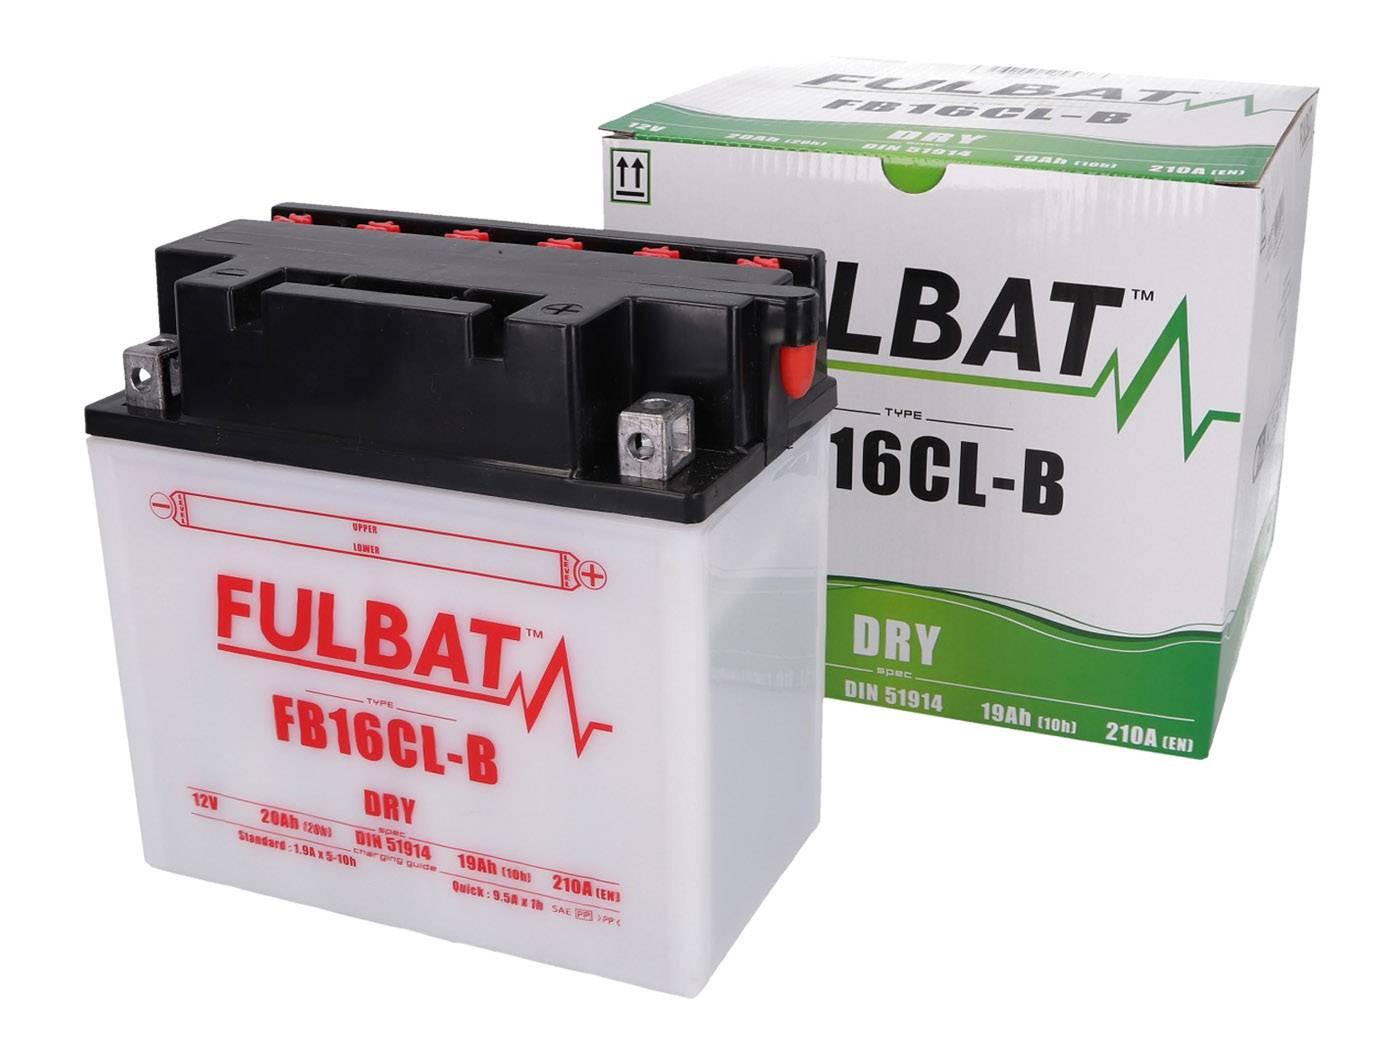 Fulbat FB16CL-B DRY száraz akkumulátor + savcsomag